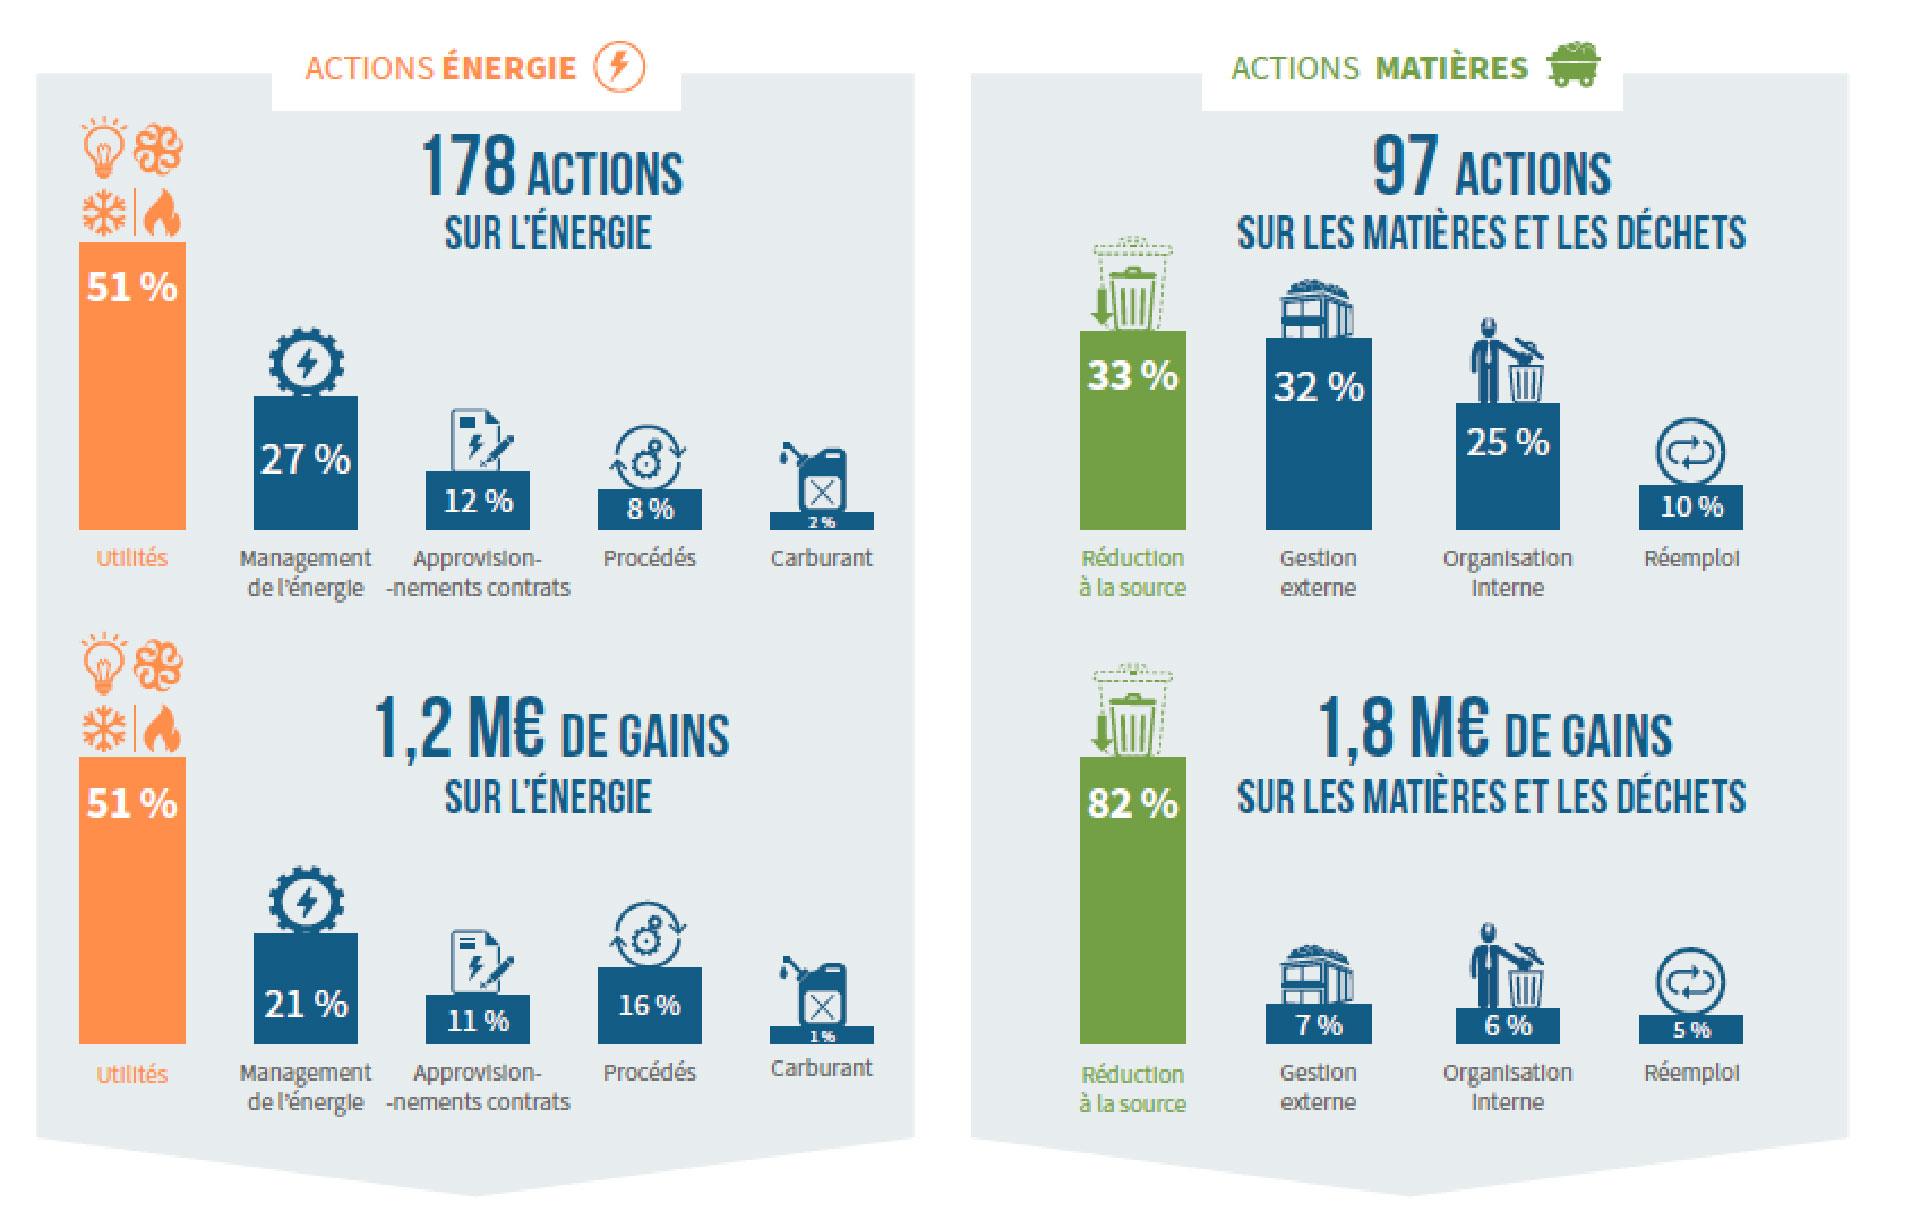 Infographie ADEME sur les résultats de l'opération